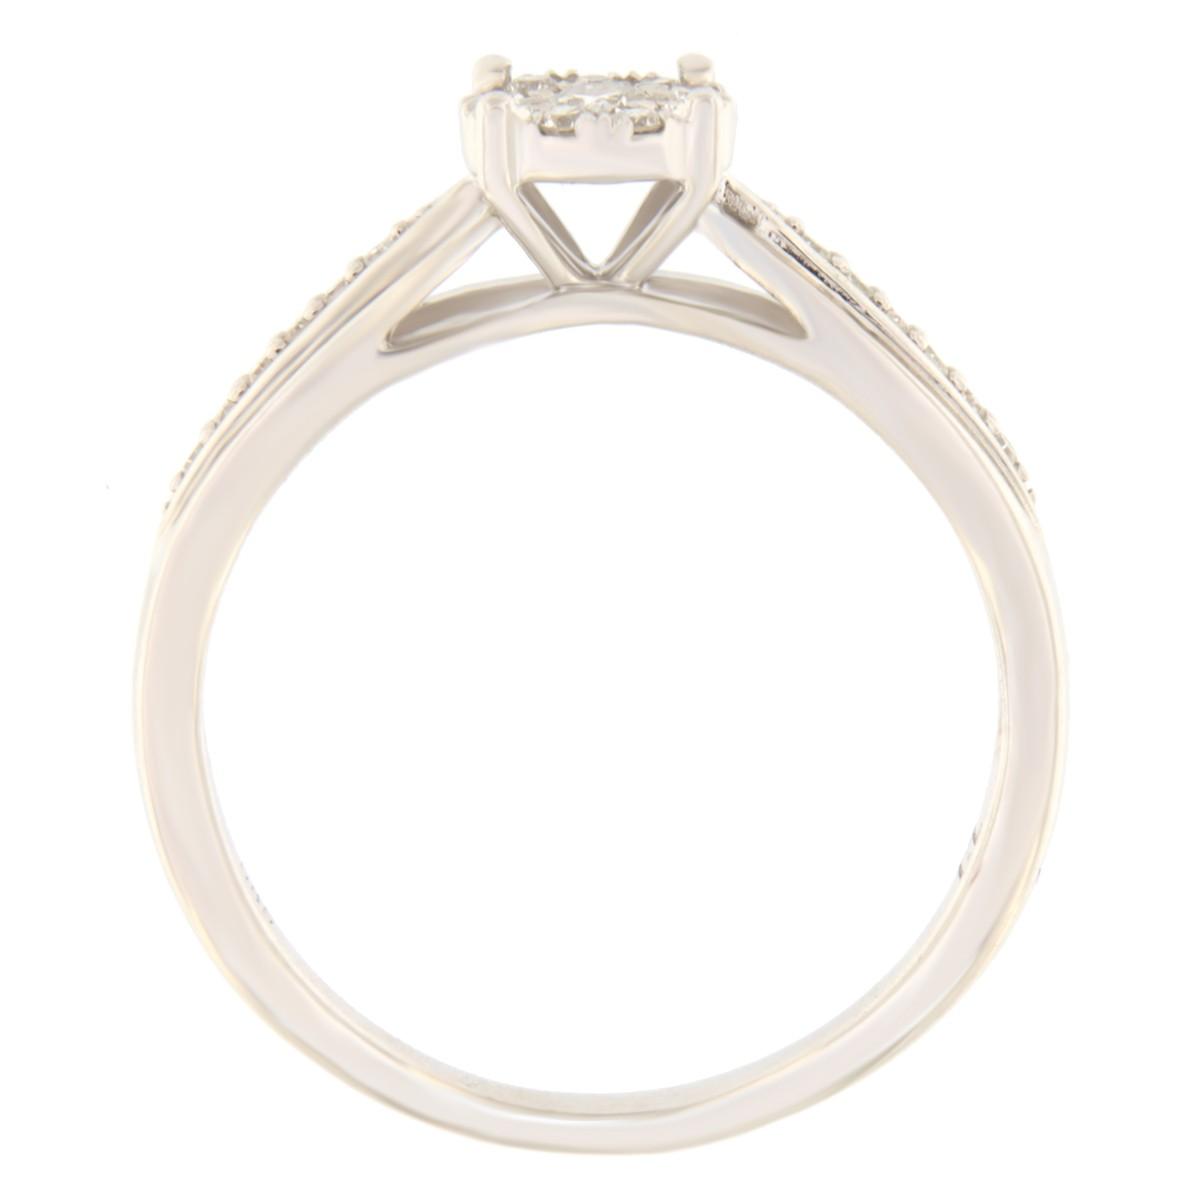 Kullast sõrmus teemantiga 0,15 ct. Kood: 95he